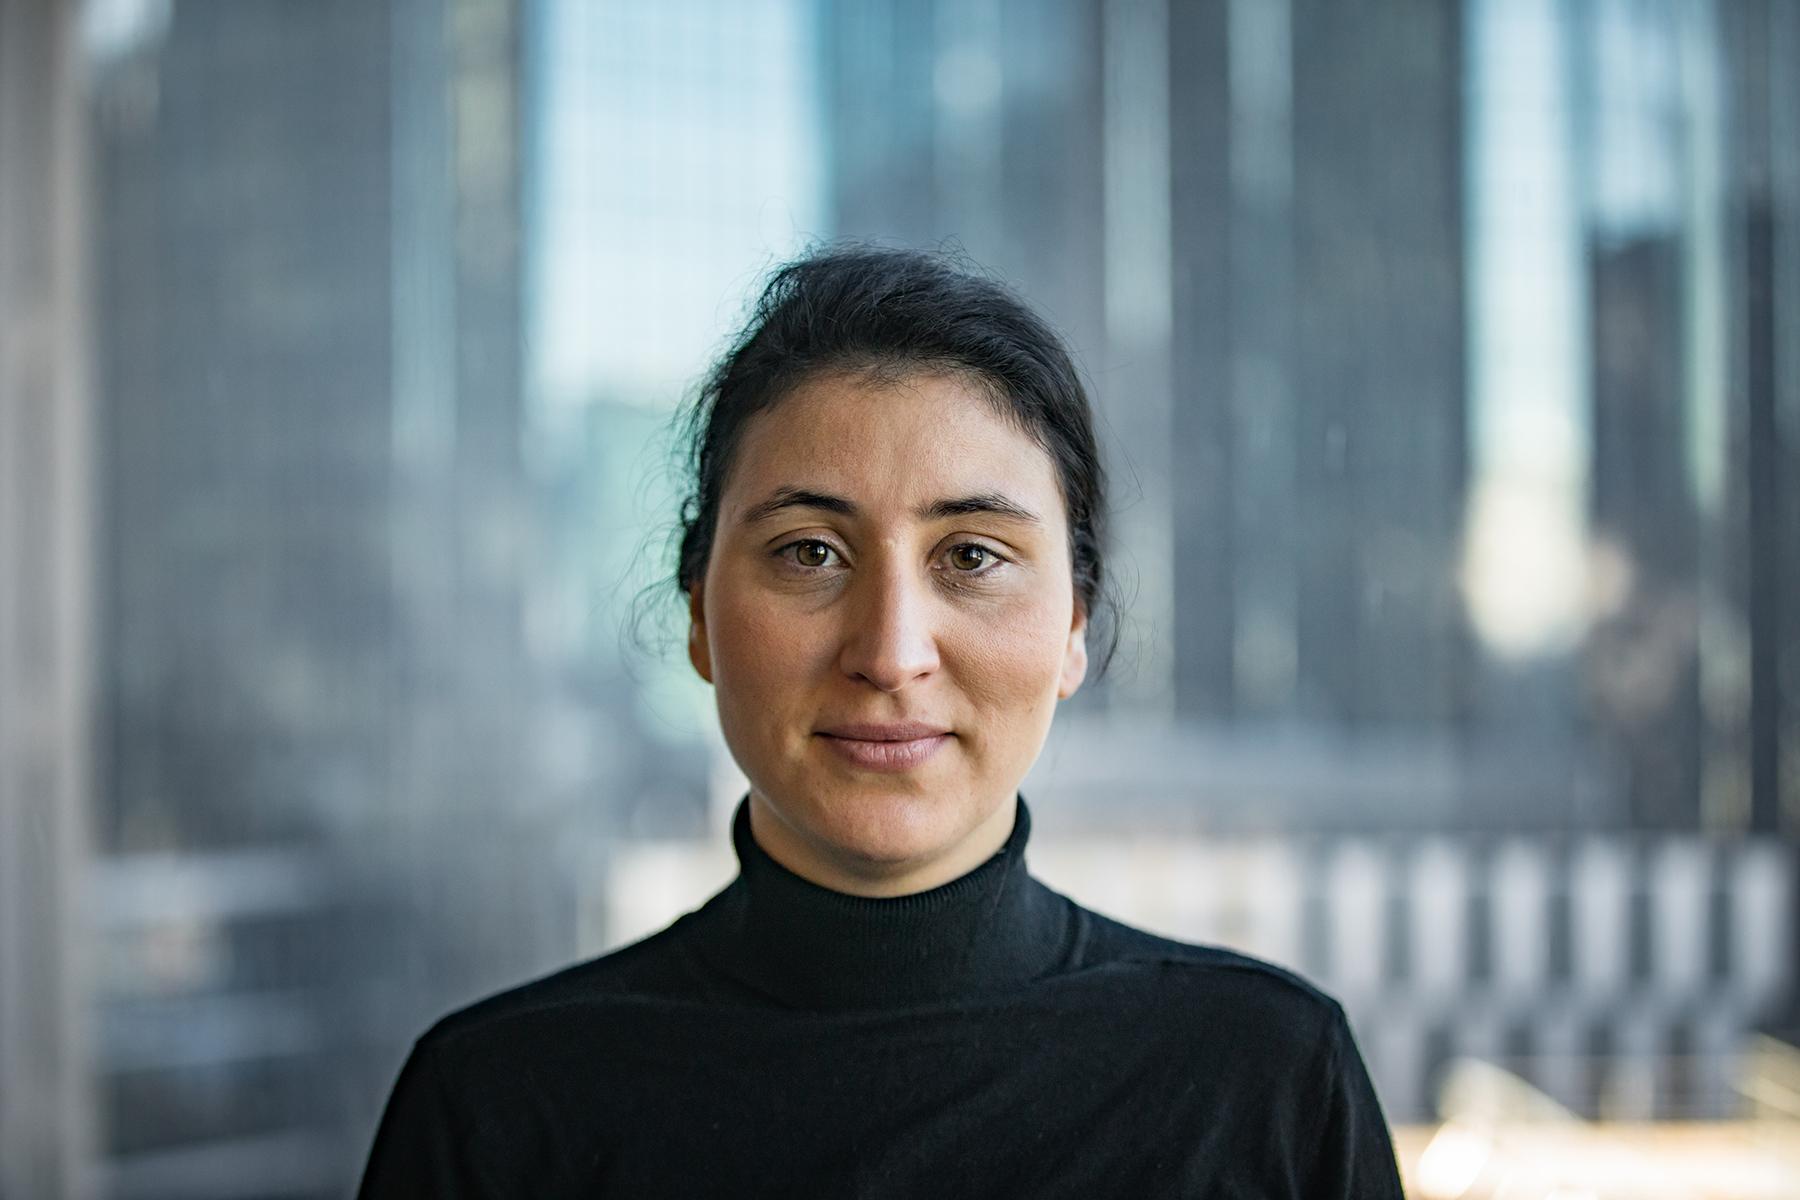 Zina Bencheikh Headshot